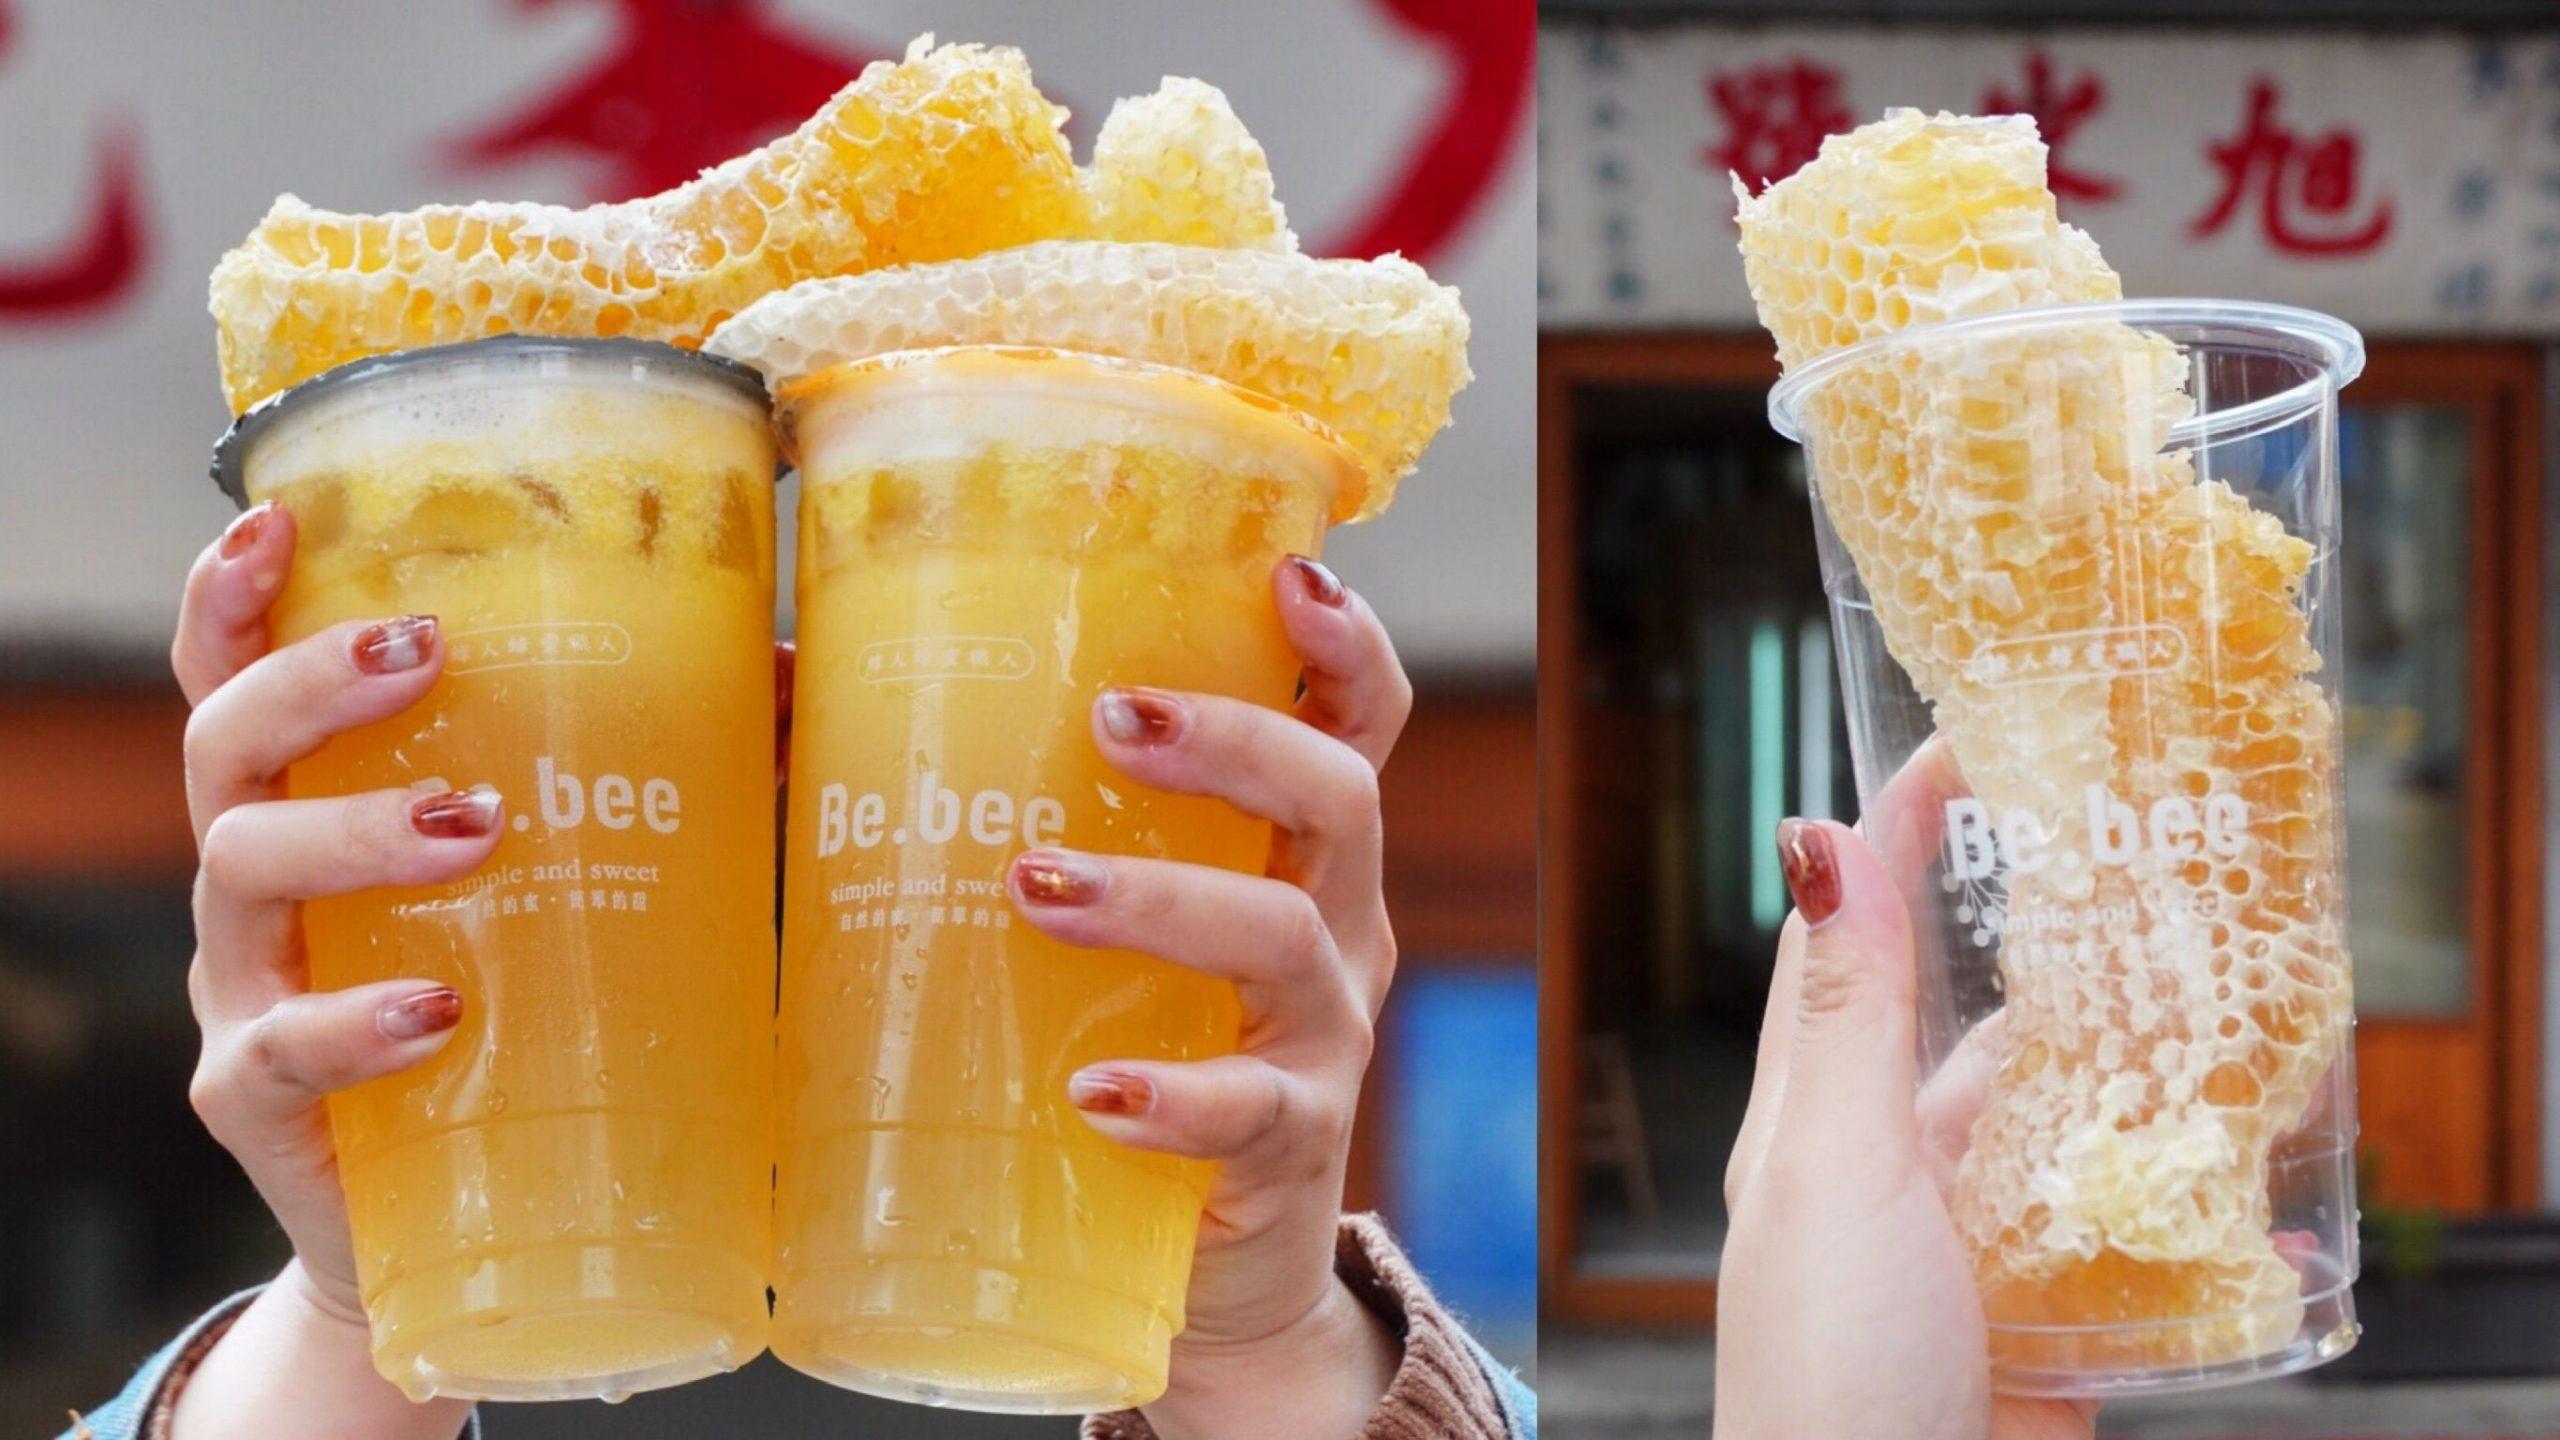 【台南飲料】Be.bee蜂蜜飲品專門 週年慶感謝祭 活動五天!飲料半價/滿額送好禮/福袋 自家養殖純正蜂蜜飲品好好喝 台南美食